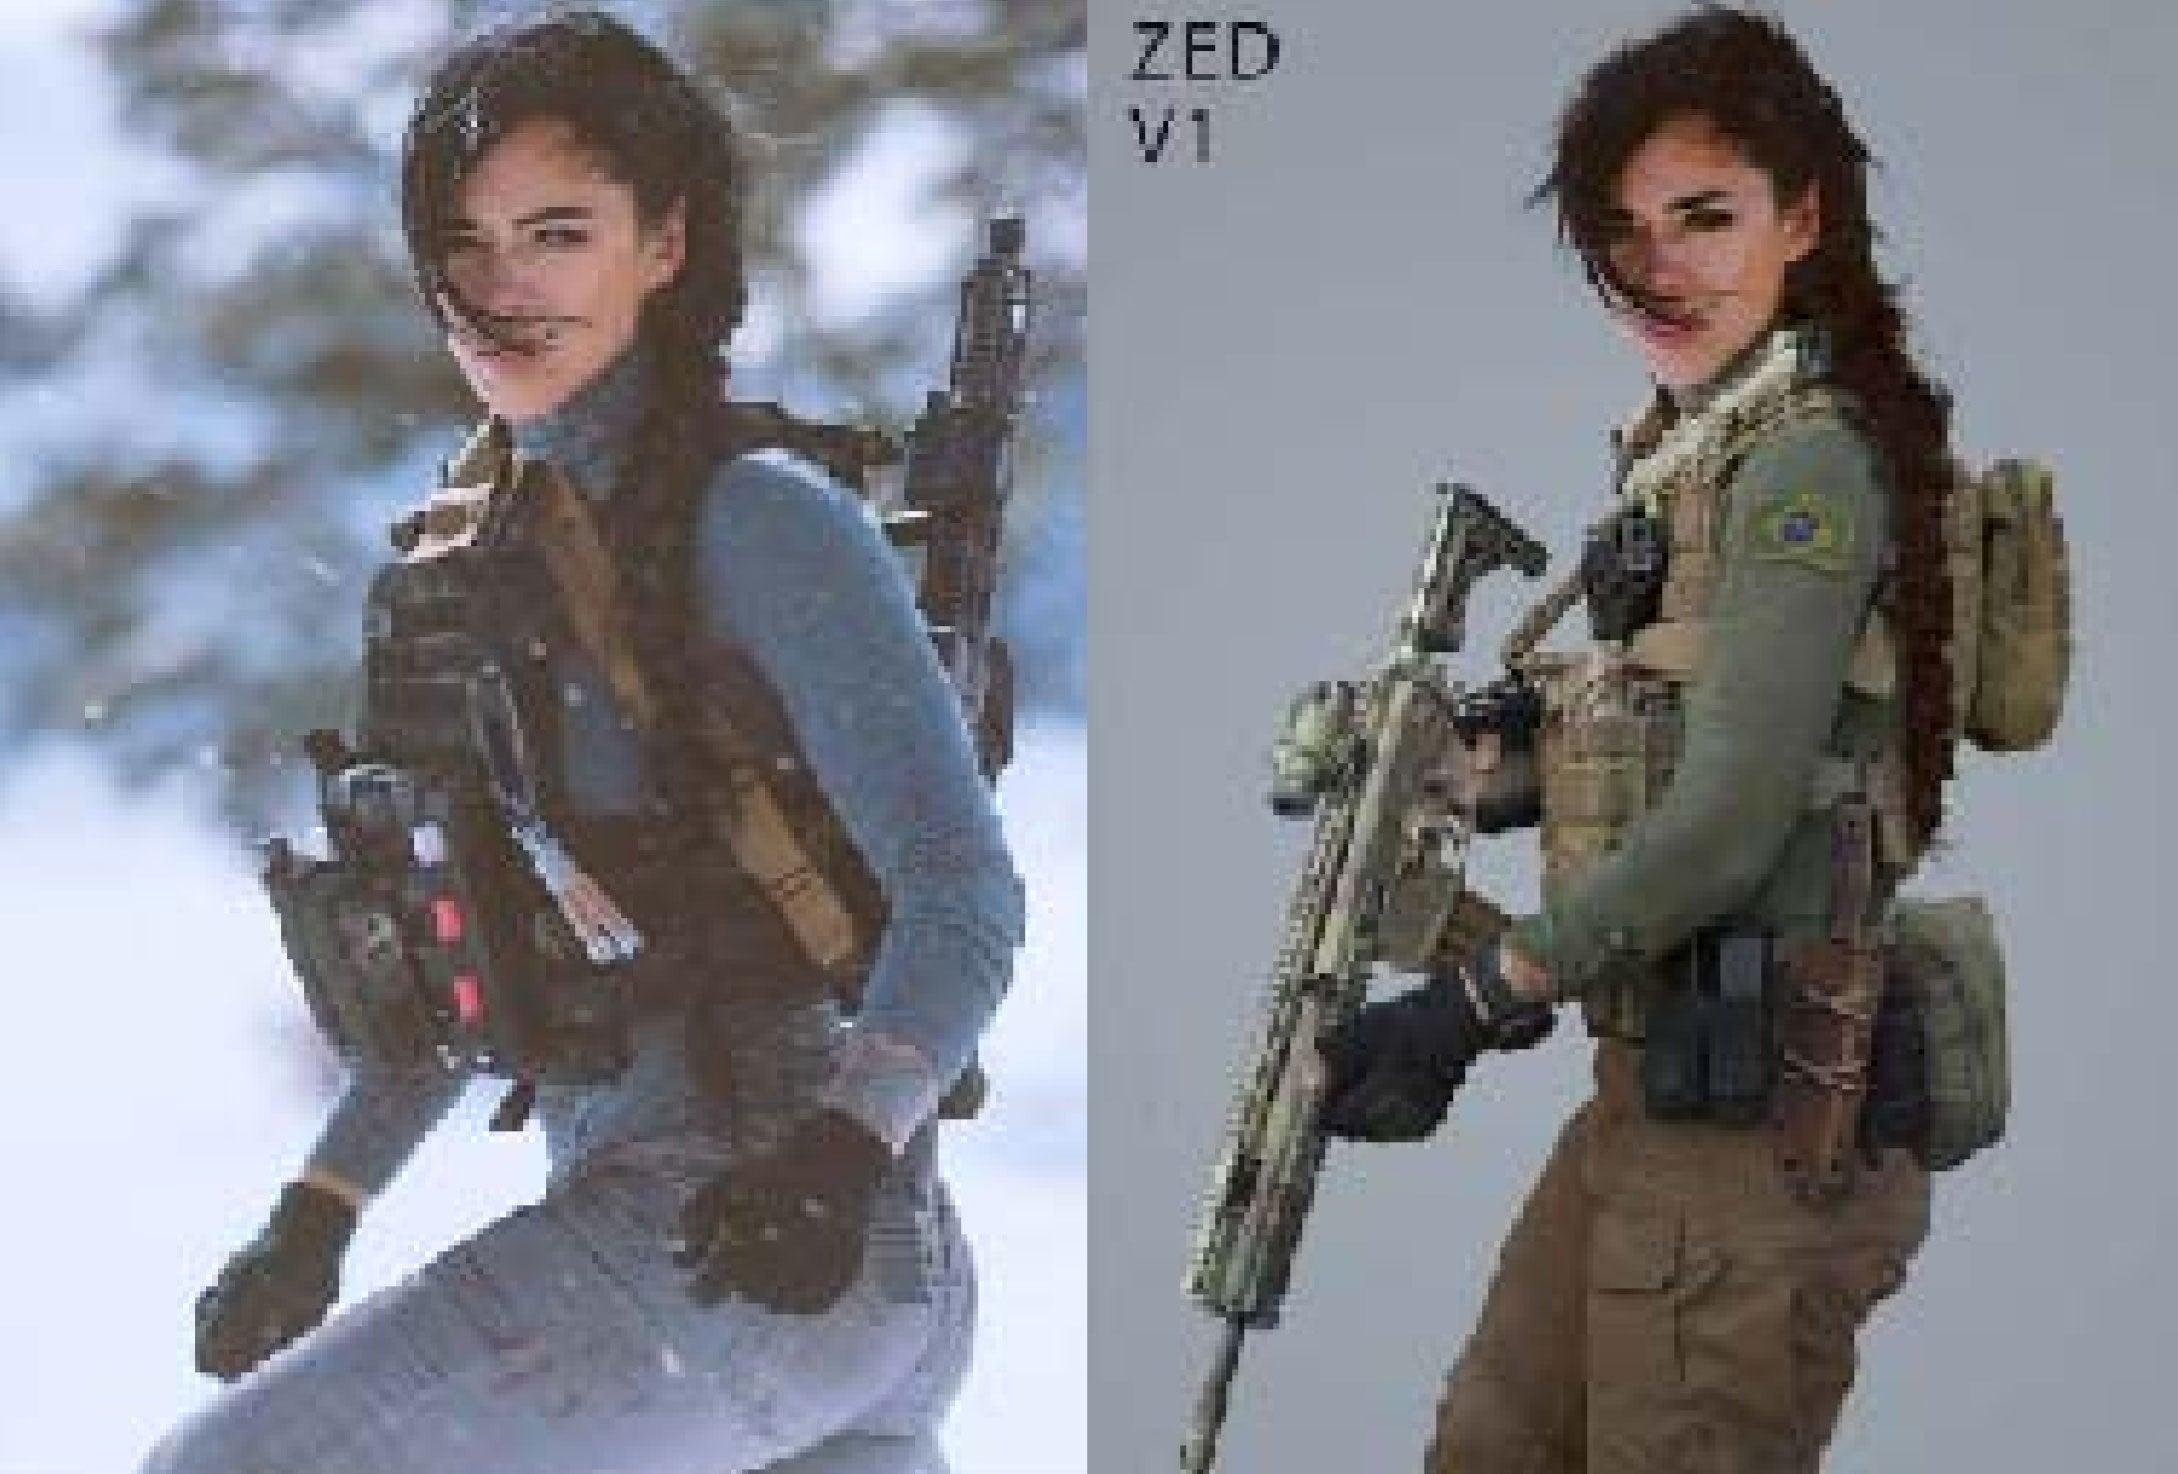 L: uma imagem da sessão de fotos original de Haugen, R: uma foto de 2019 tirada para Call of Duty, apresentando o mesmo ator.